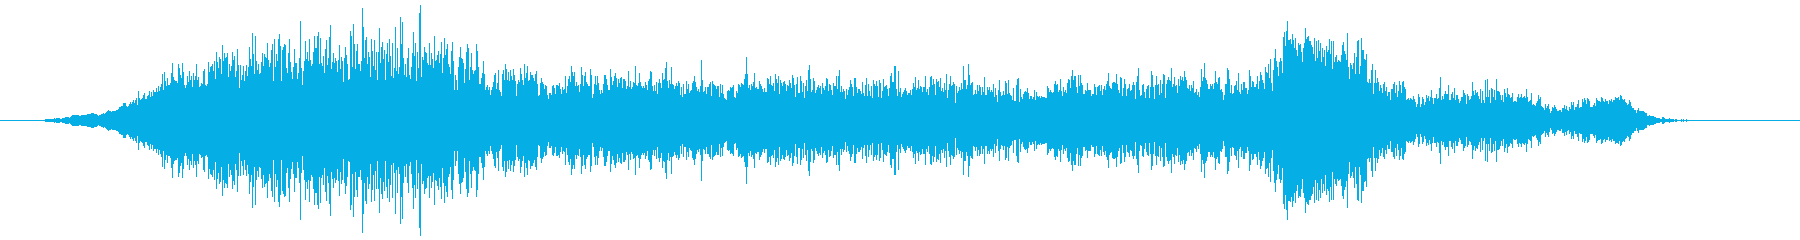 群集 応援ハッピーショート05の再生済みの波形